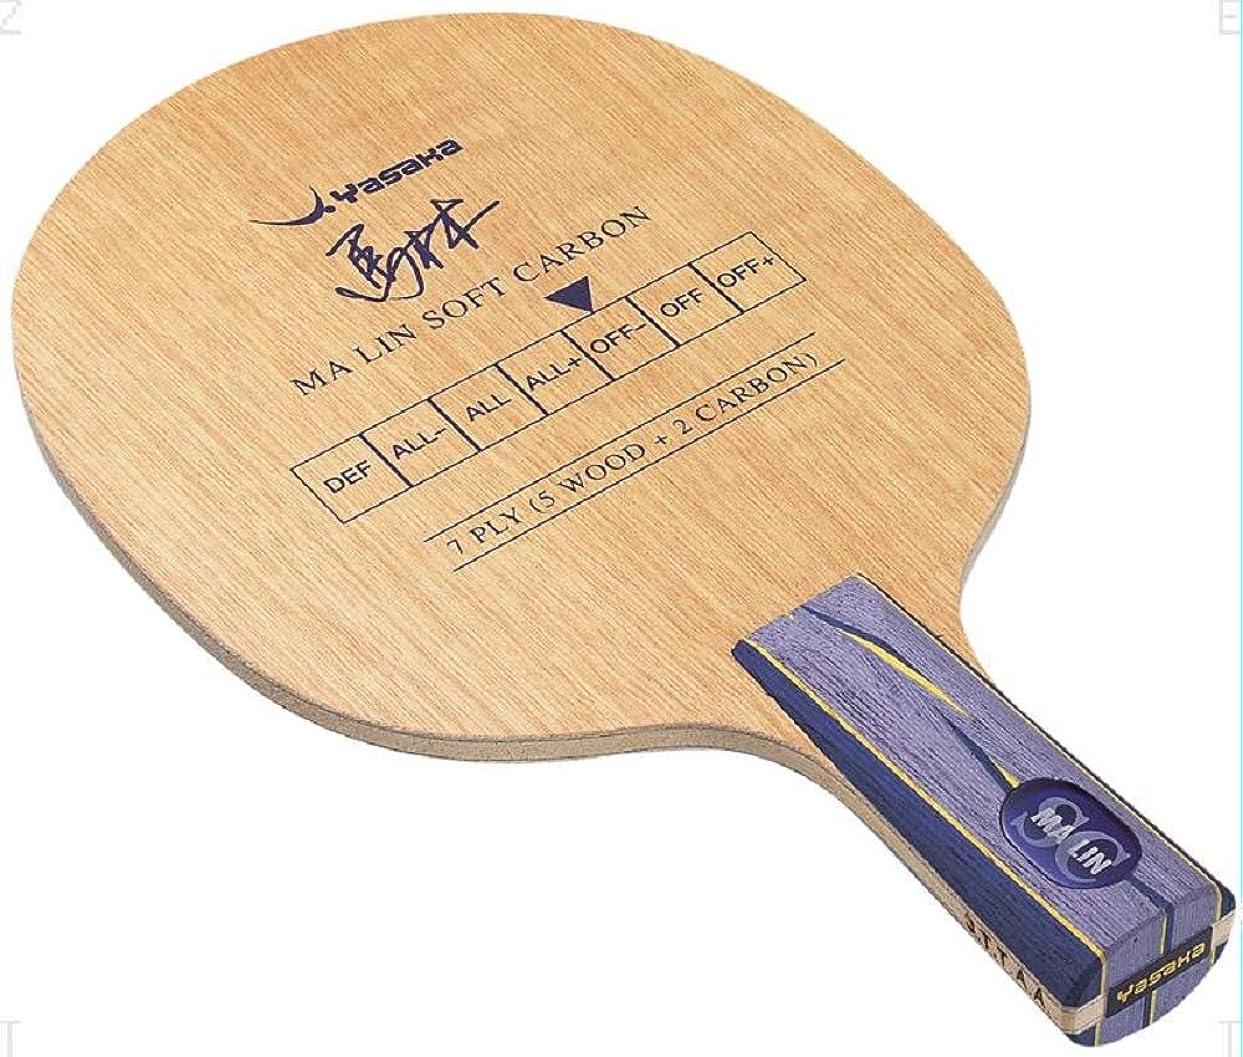 離婚ナチュラコロニアルヤサカ(YASAKA) 卓球 ラケット 馬林ソフトカーボンSTR  YM11